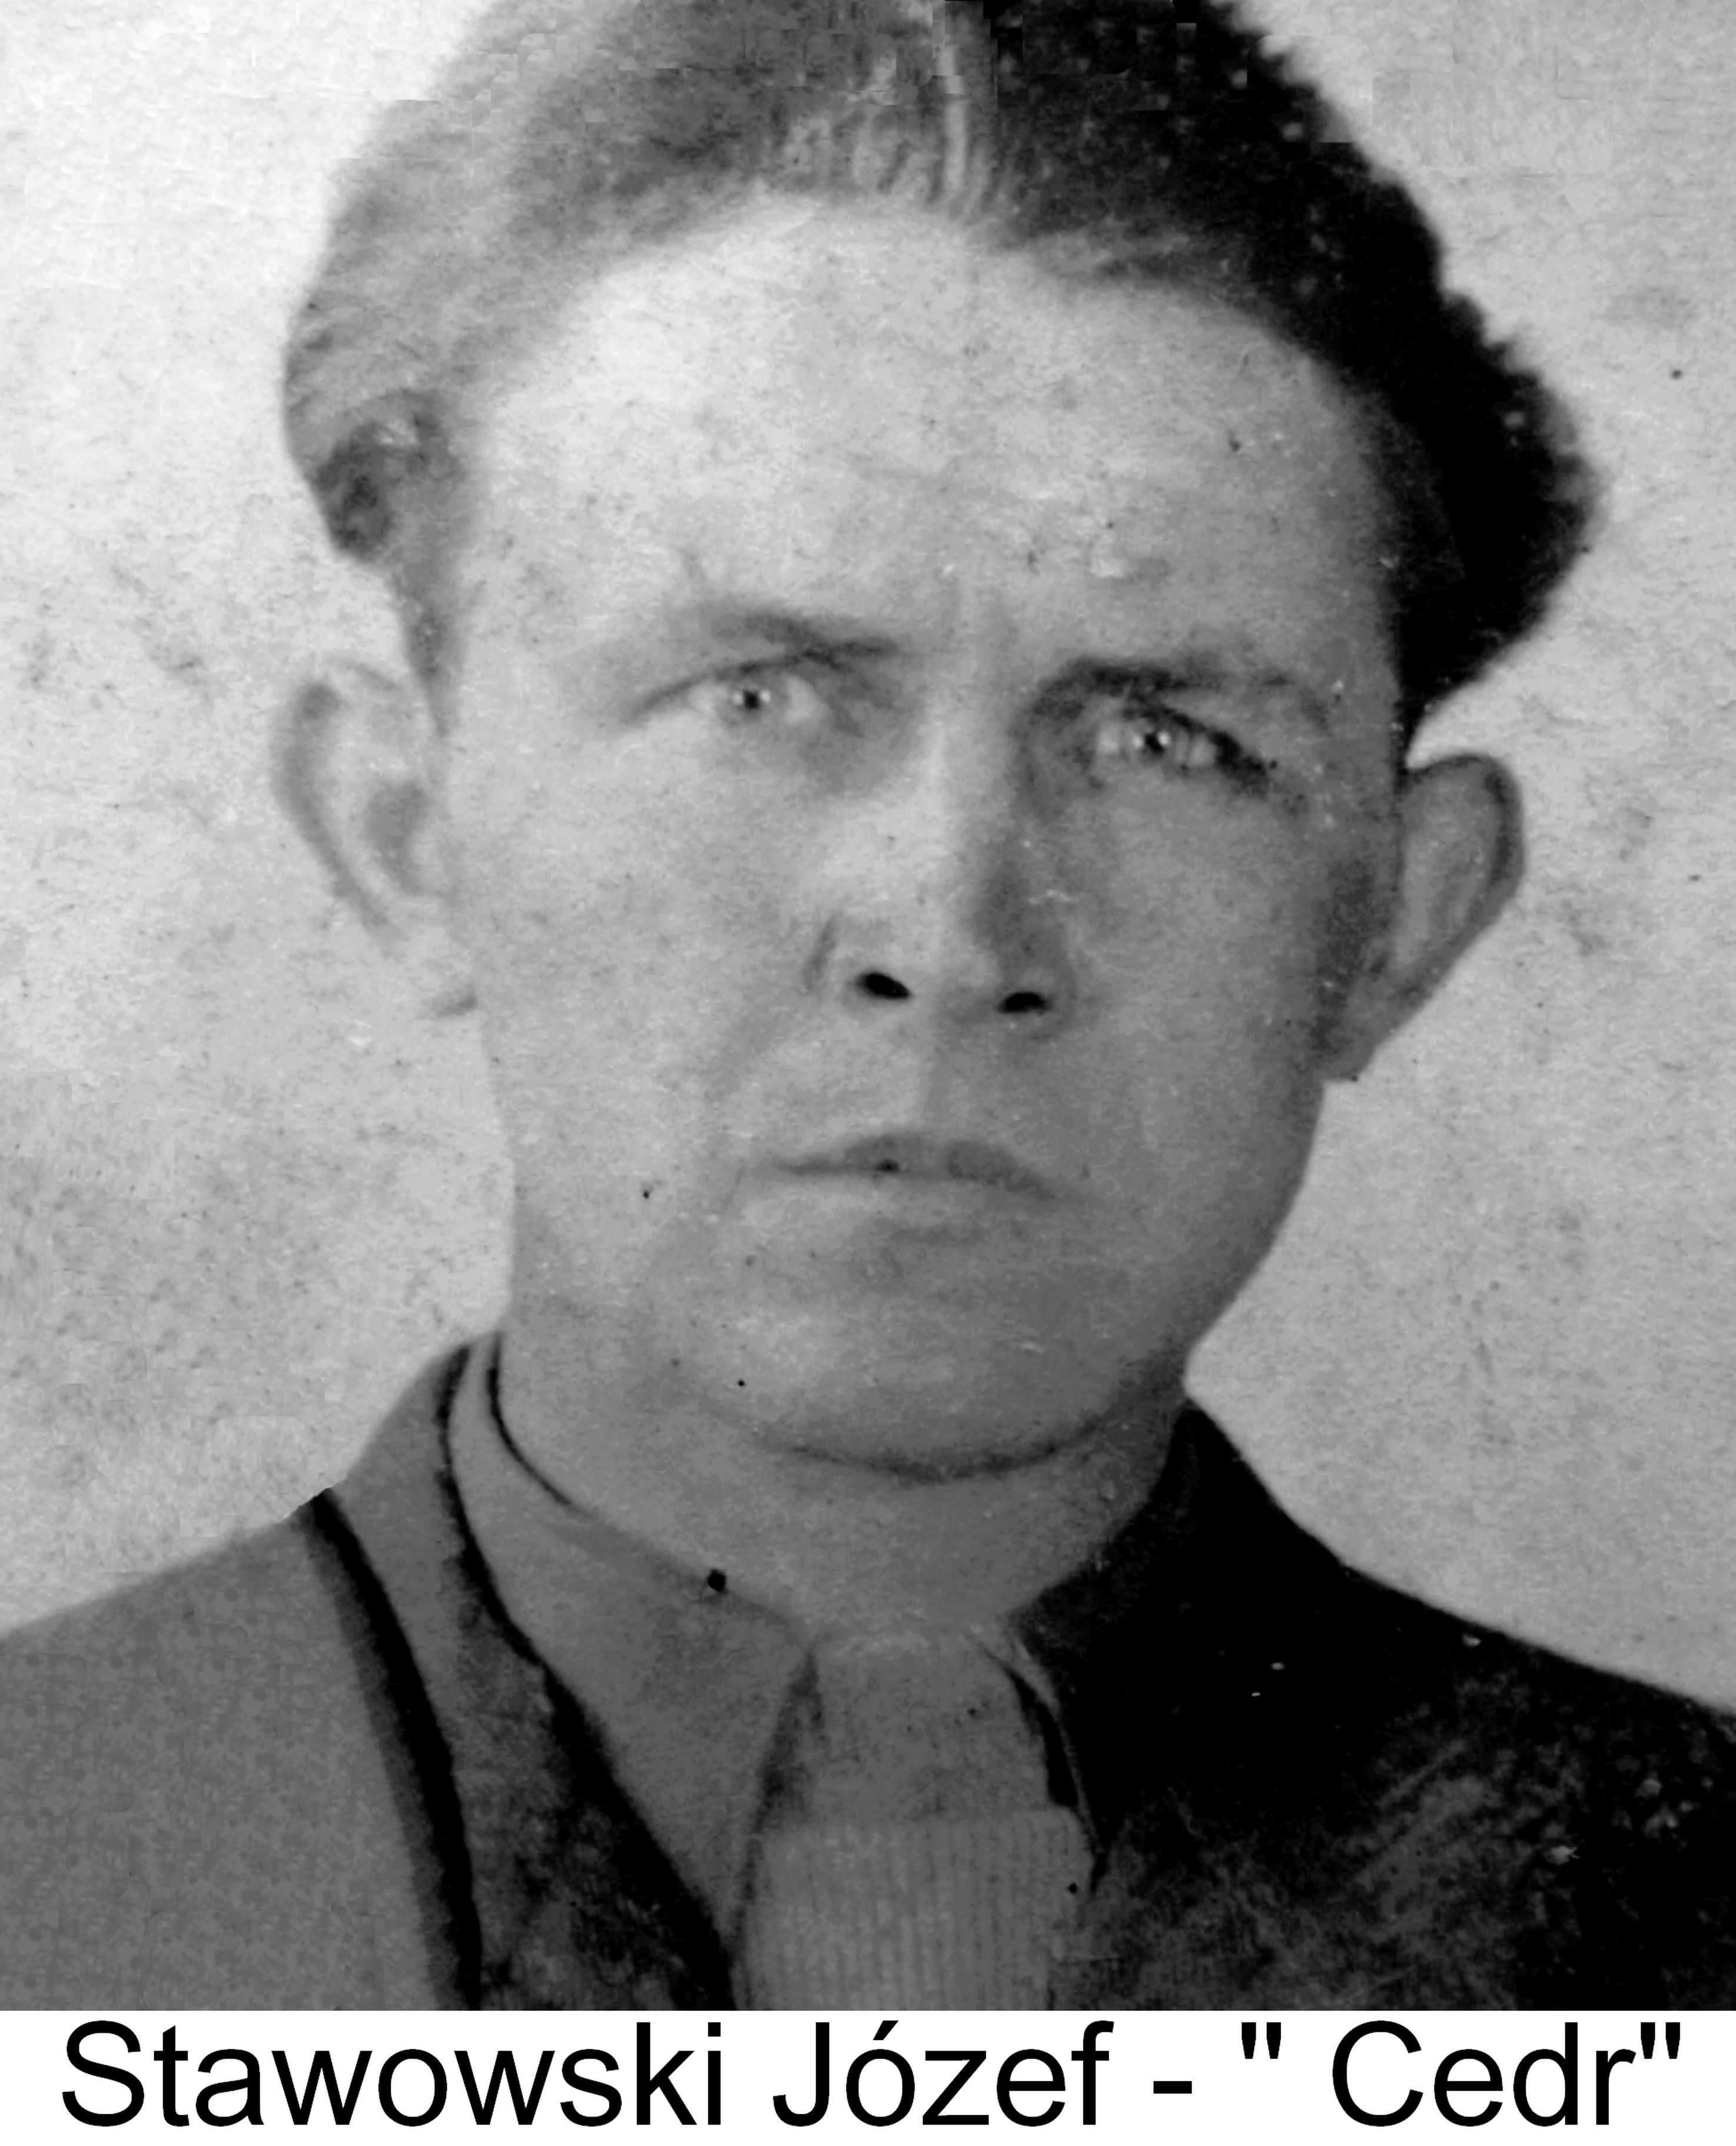 Stawowski Józef - Cedr